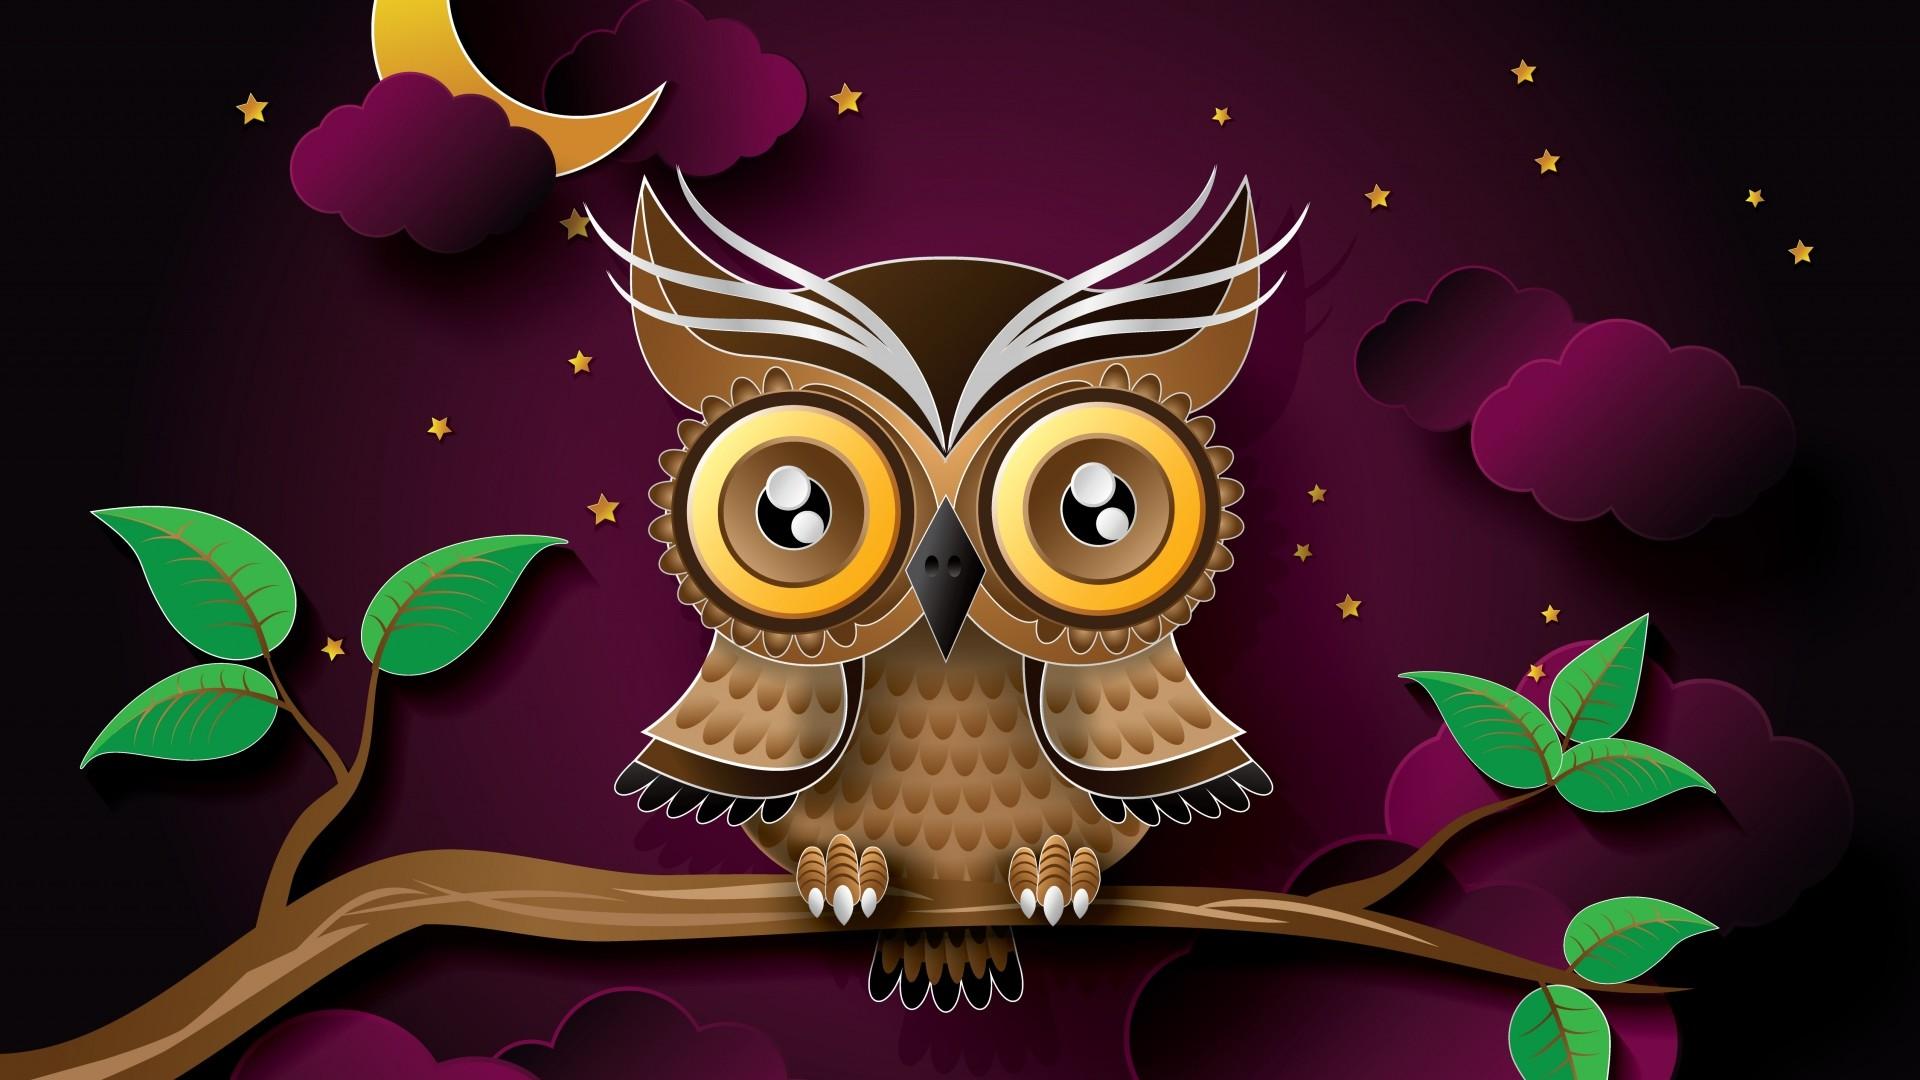 Wallpaper owl, bird, art, branch